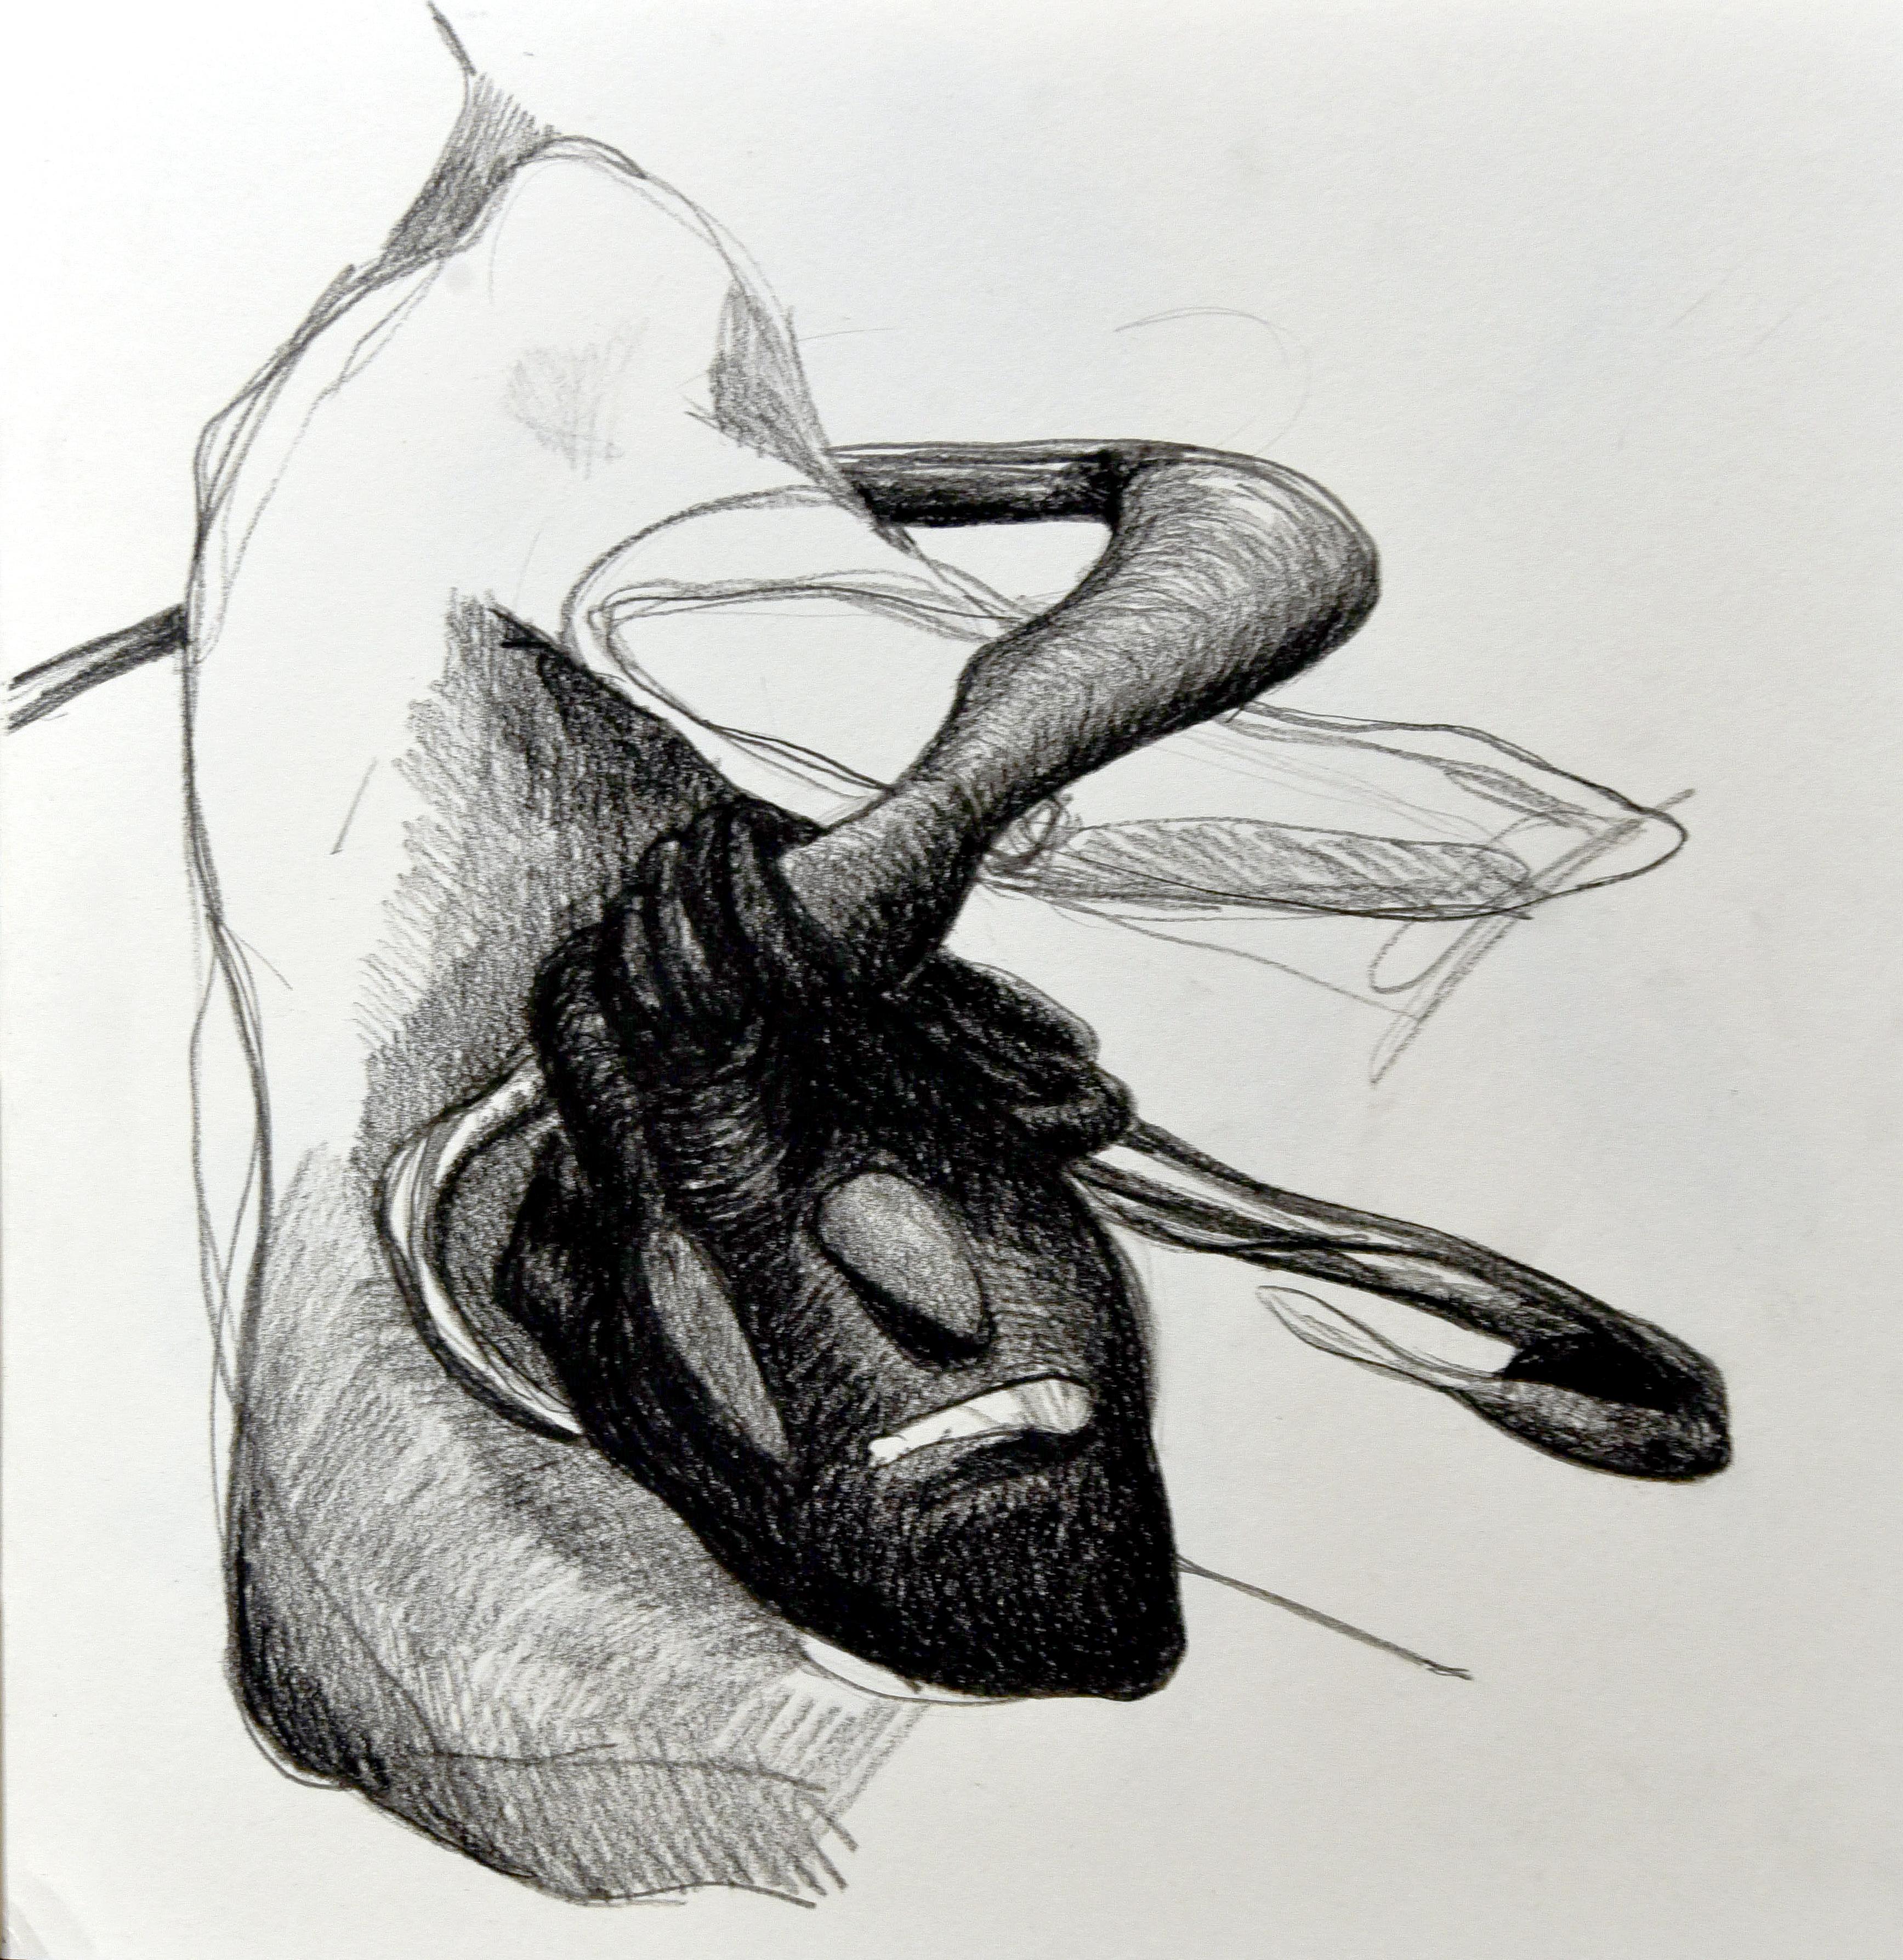 En guise d'organe